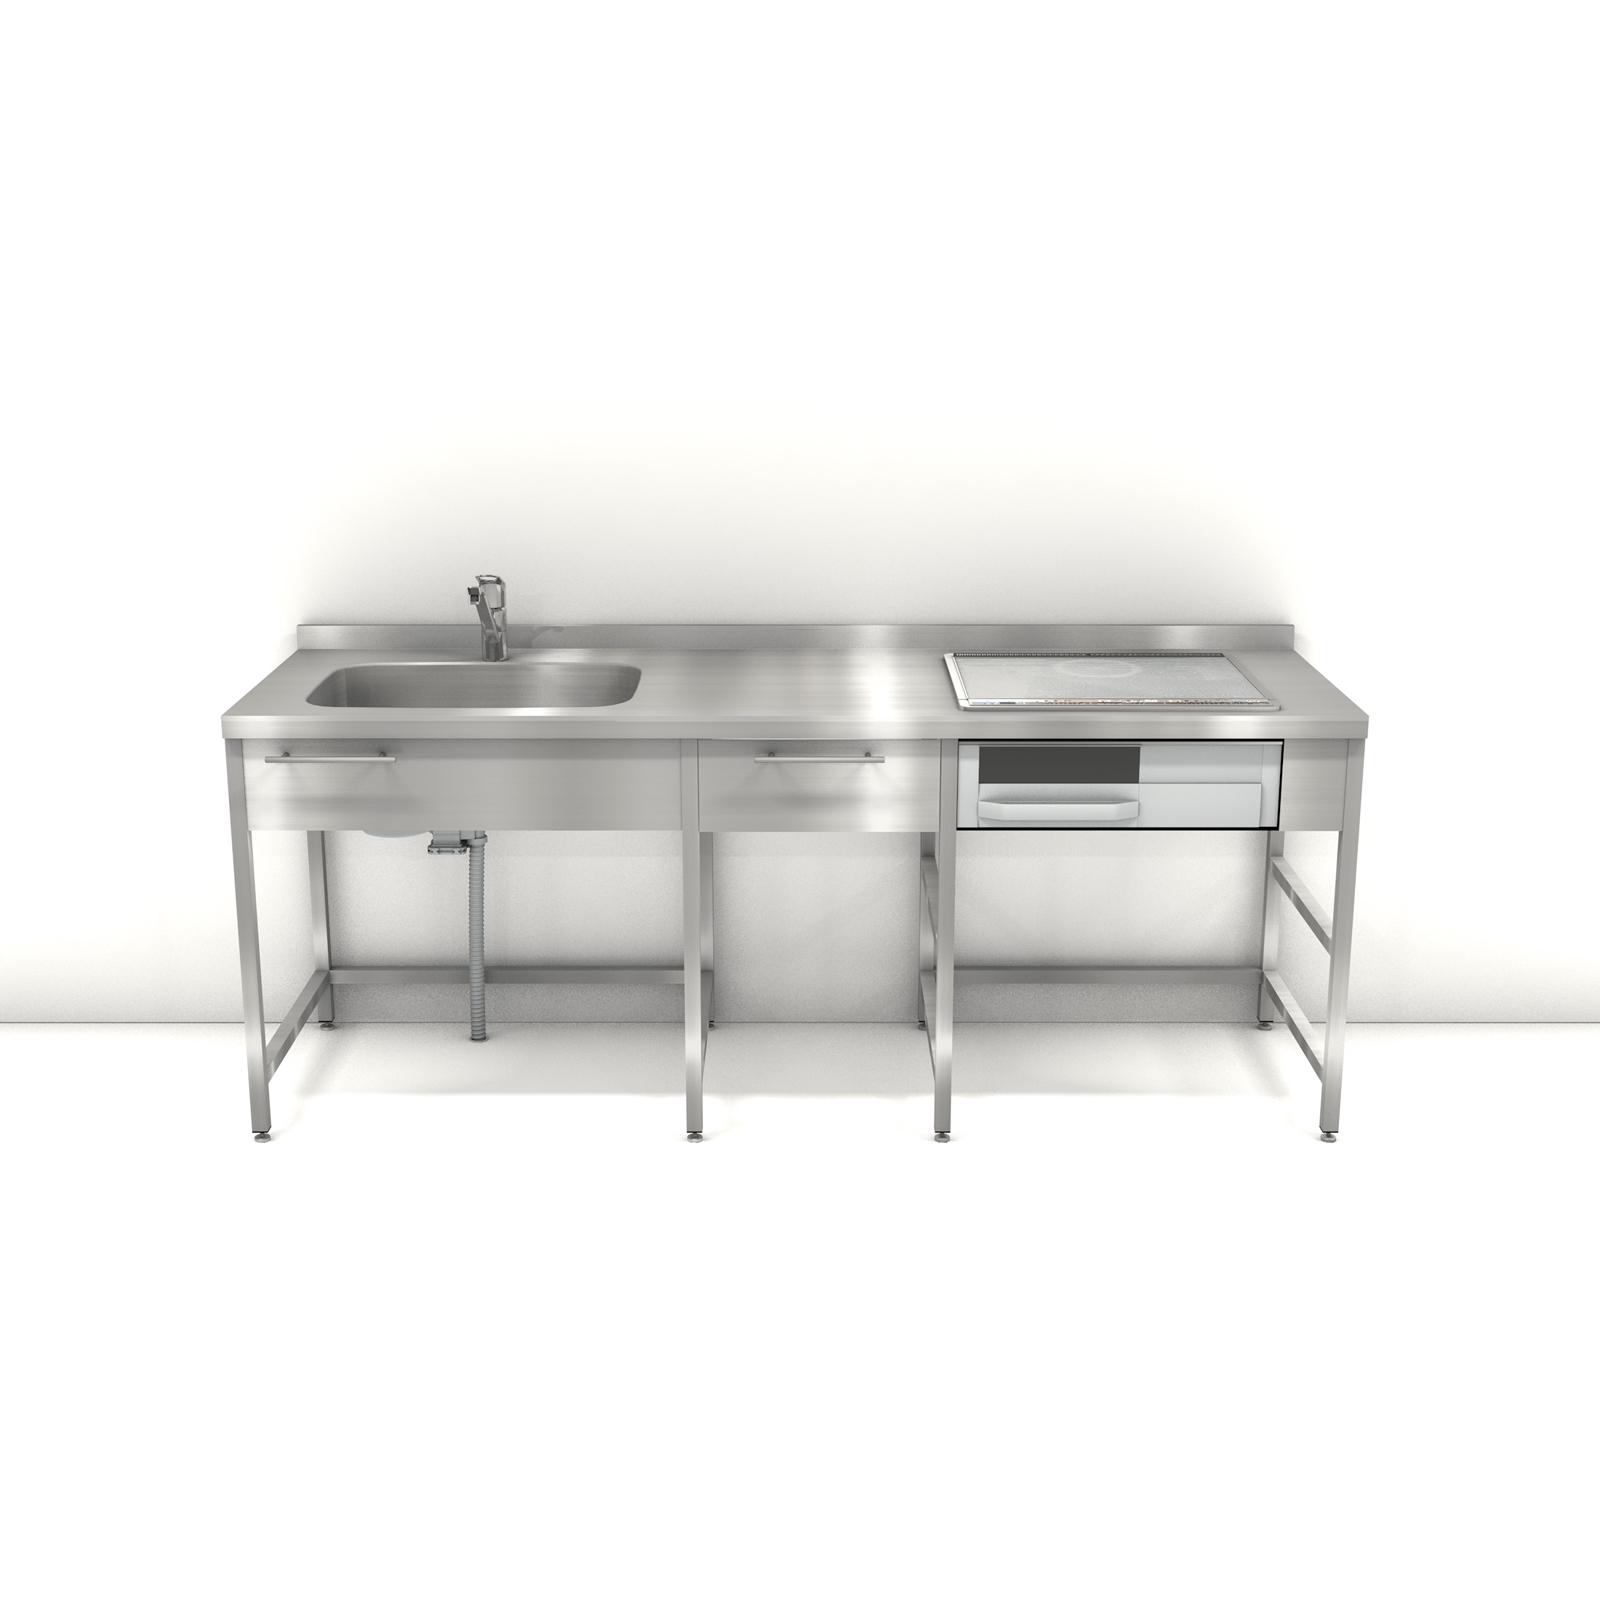 ステンレスフレームキッチン W2100 D650 キッチンデザイン キッチン